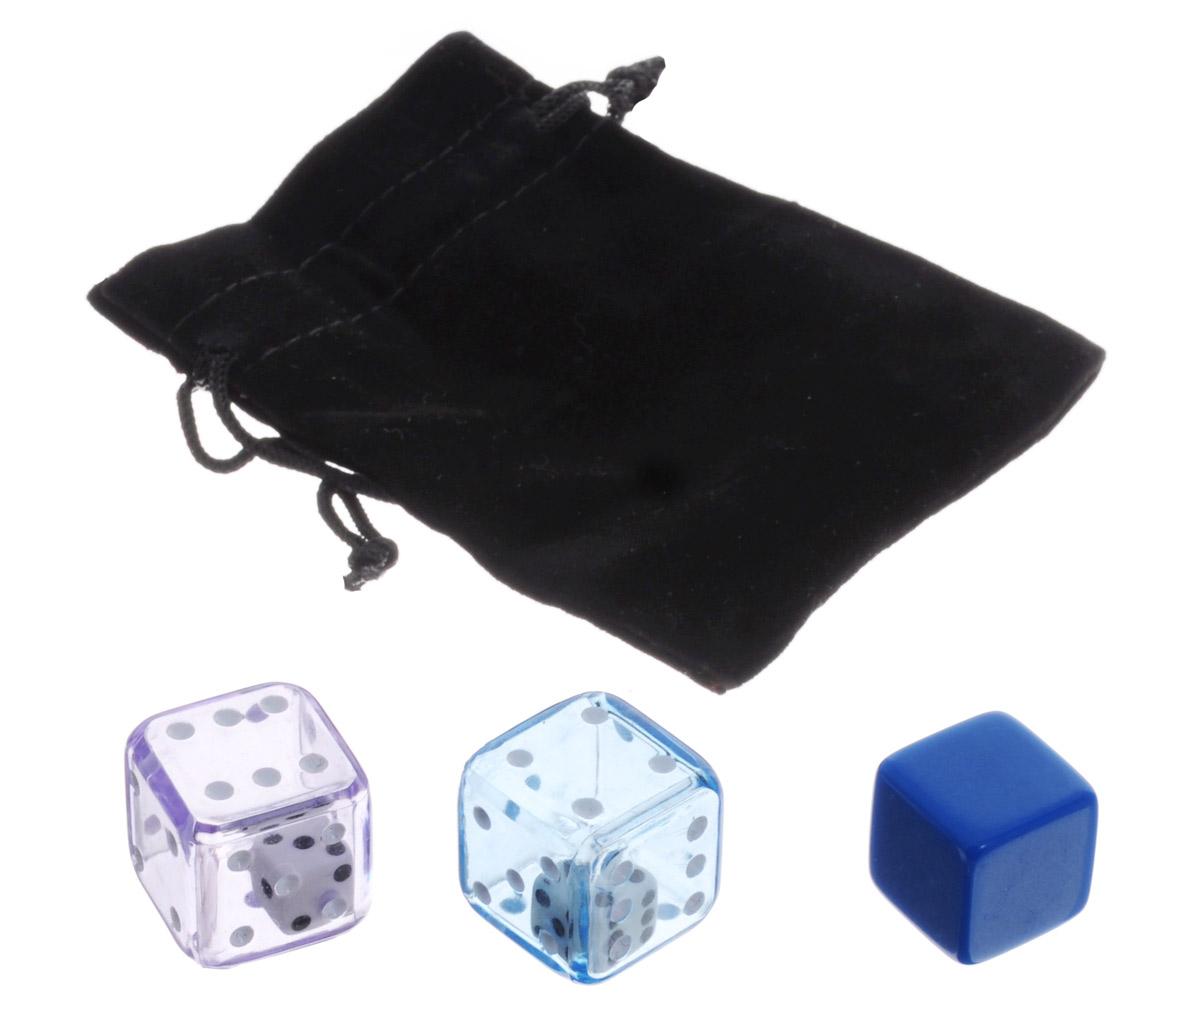 Pandoras Box Математический набор №4 Дроби цвет синий фиолетовый01PB037_фиолетовый, синийС помощью данного набора можно генерировать примеры с любыми математическими операциями, так как вы можете написать на пустом кубике все что угодно, тем самым усложняя примеры для детей. Рекомендуется для детей от 9 лет. Количество игроков - от 2 человек. Самое продуктивное количество играющих - 2-3 человека, так как большее количество заставит скучать детей, ожидая свой ход. Цель игры - тренировать навыки устного счета через вычисление дробей, математические действия (сложение и вычитание) с ними. Дроби достаточно сложная тема и ее лучше всего осваивать в игровой форме.